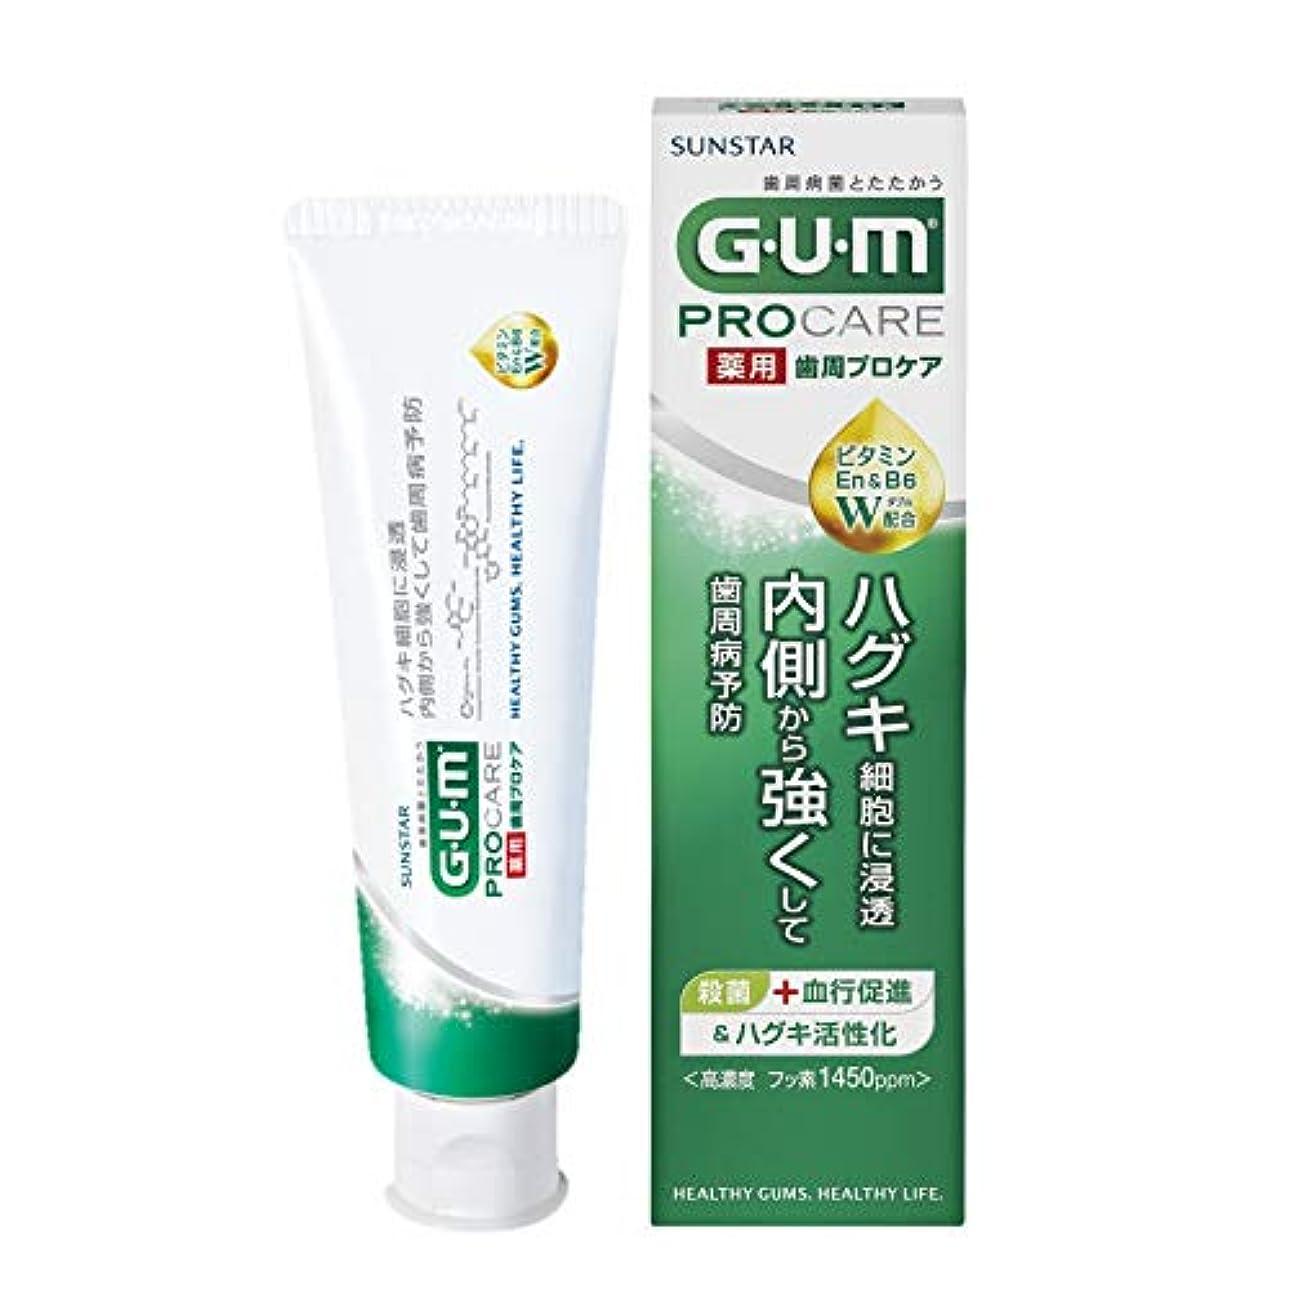 ヒロイック並外れて本物の[医薬部外品] GUM(ガム) 歯周プロケア 歯みがき 90g <歯周病予防 ハグキケア 高濃度フッ素配合 1450ppm>